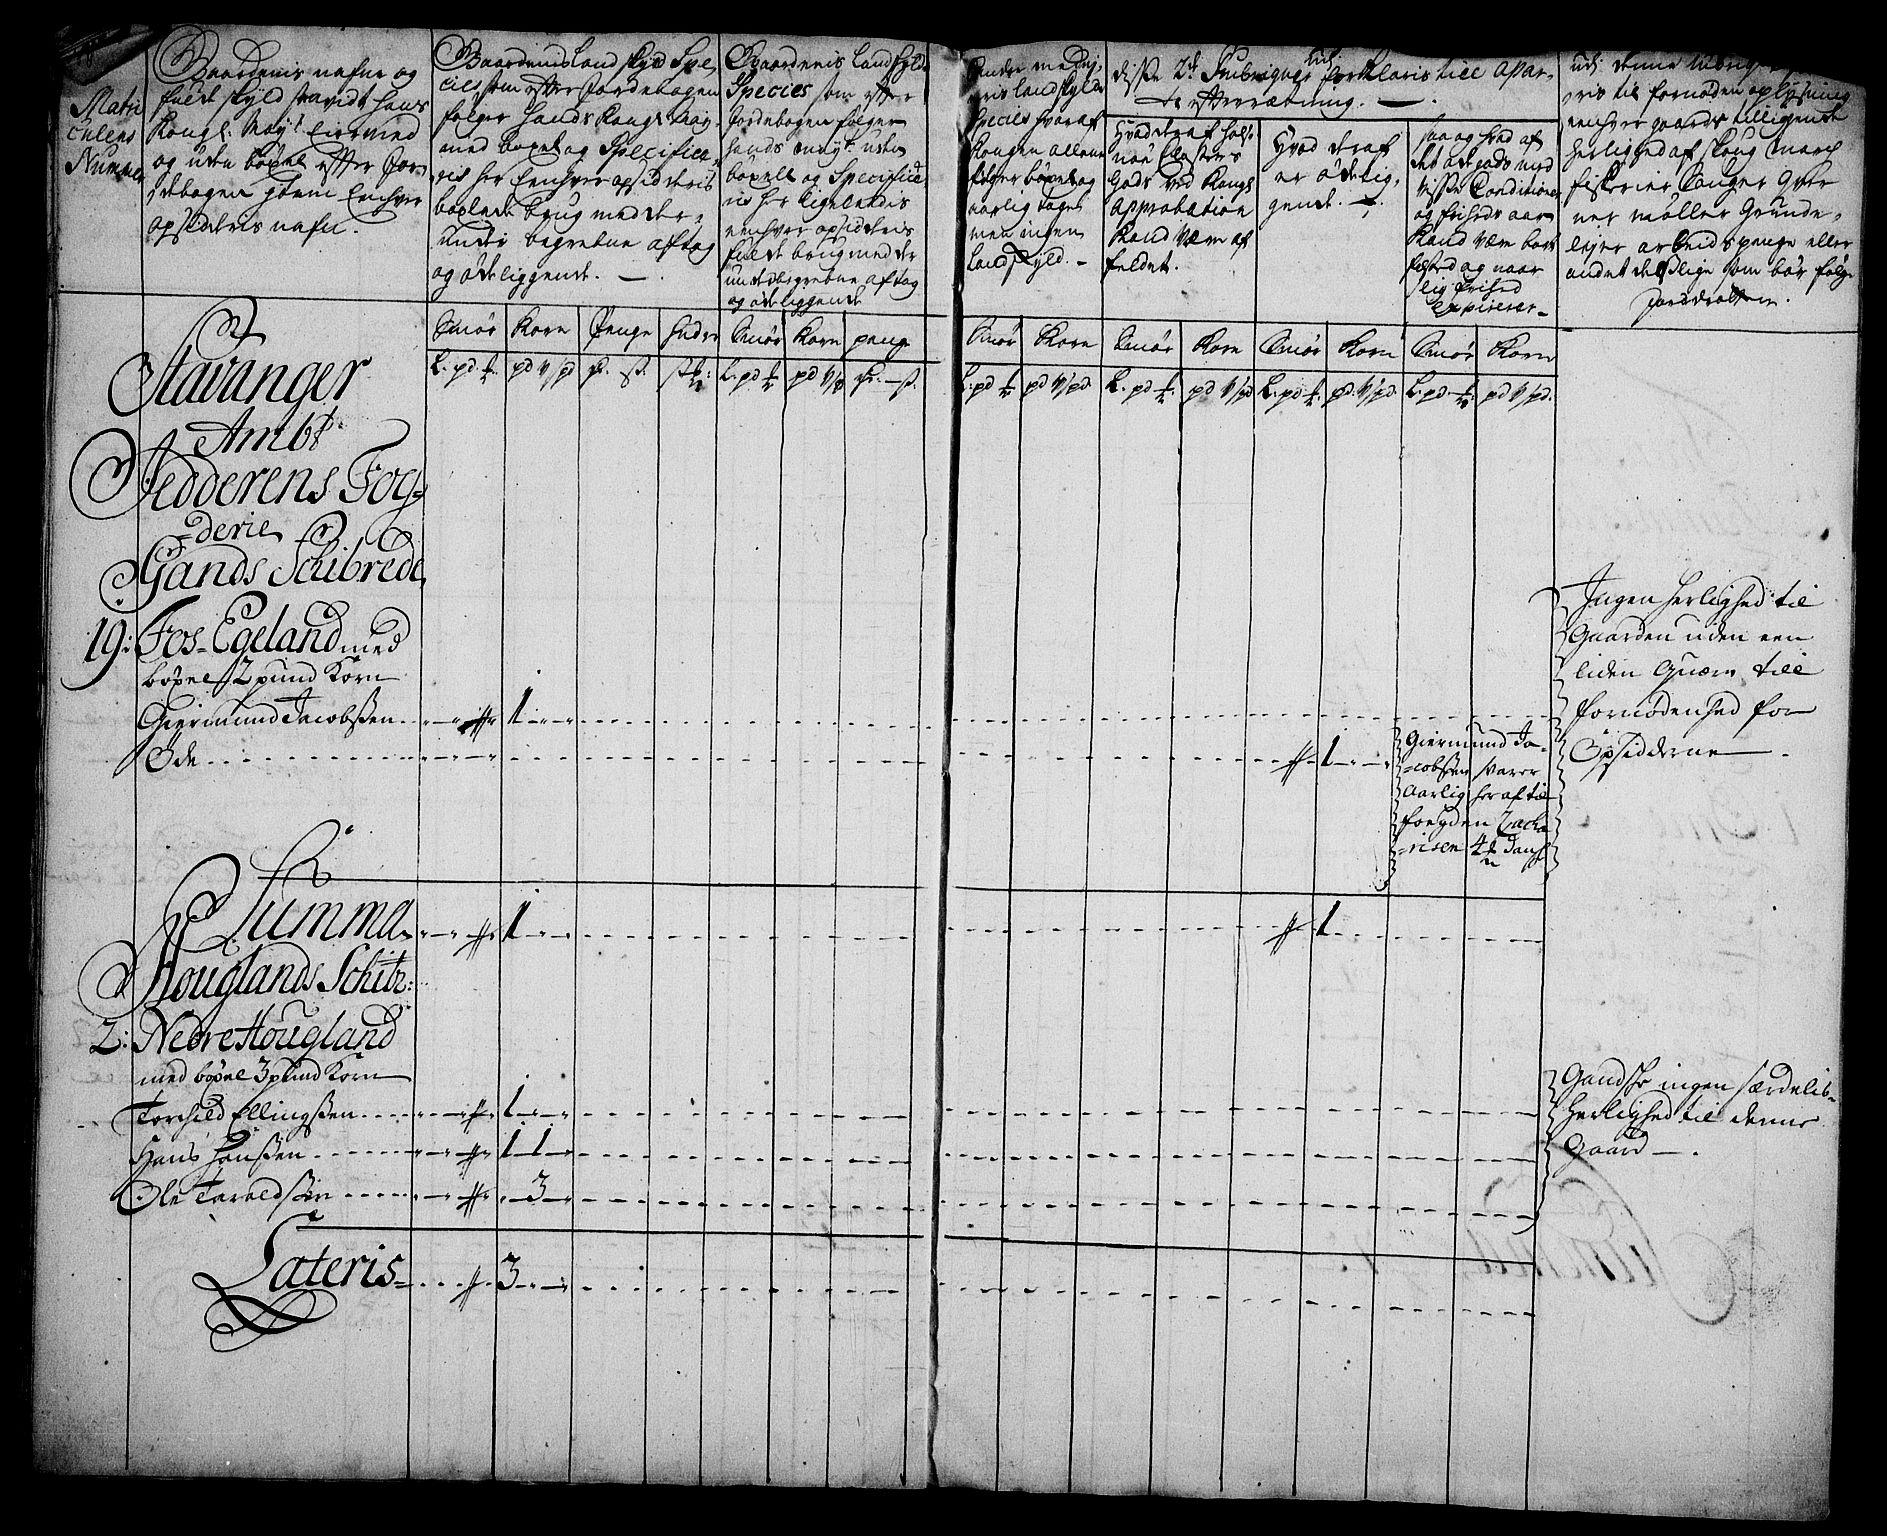 RA, Rentekammeret inntil 1814, Realistisk ordnet avdeling, On/L0003: [Jj 4]: Kommisjonsforretning over Vilhelm Hanssøns forpaktning av Halsnøy klosters gods, 1721-1729, s. 223